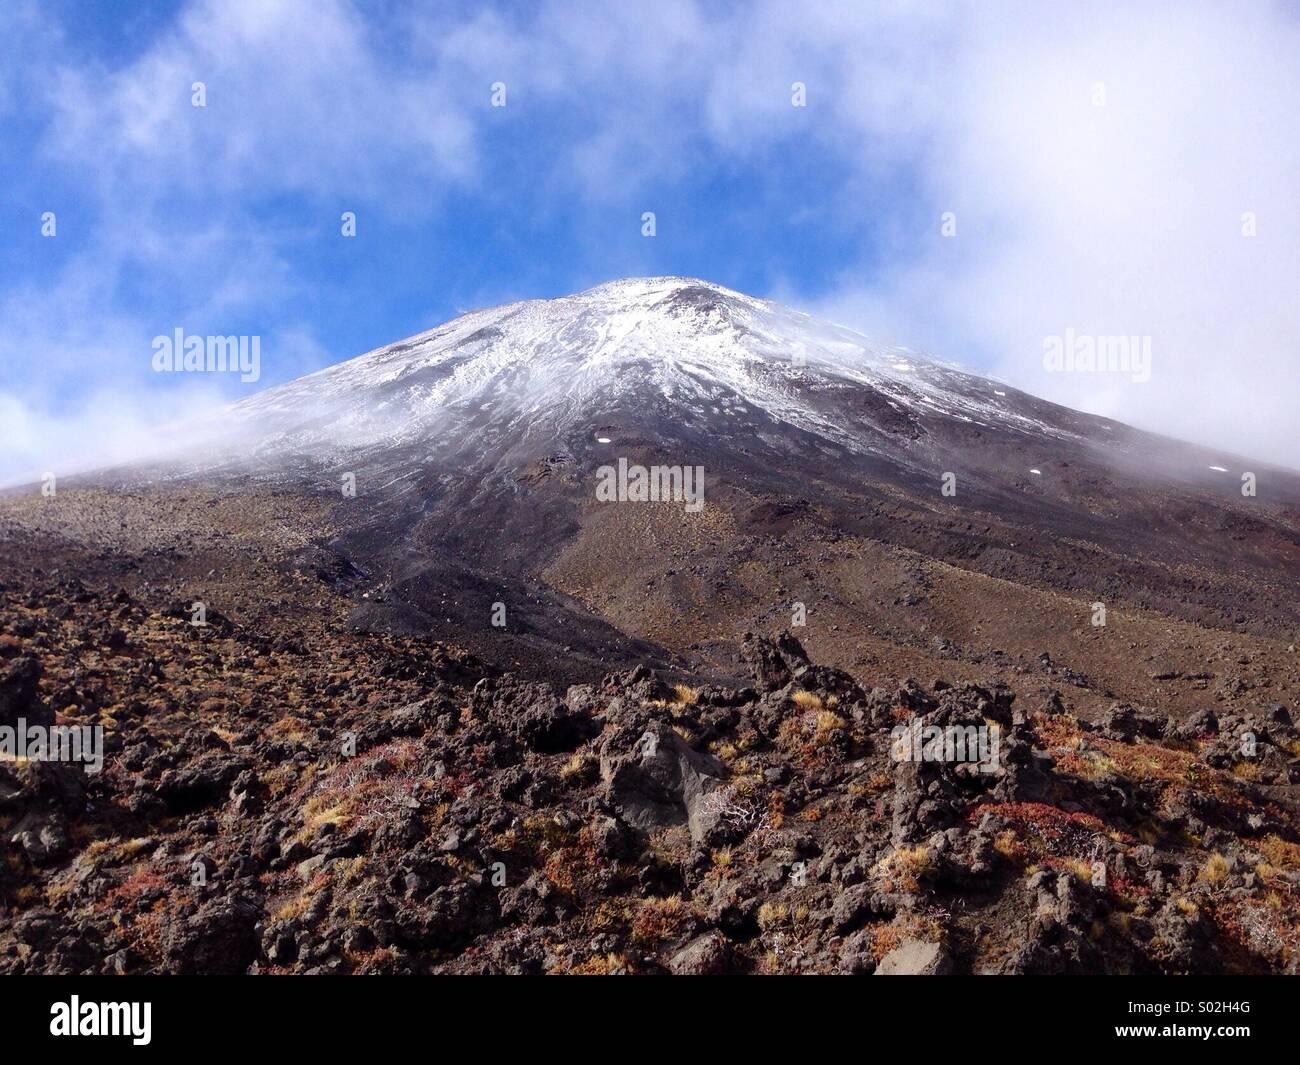 Mt Ngauruhoe on New Zealand's North Island - Stock Image